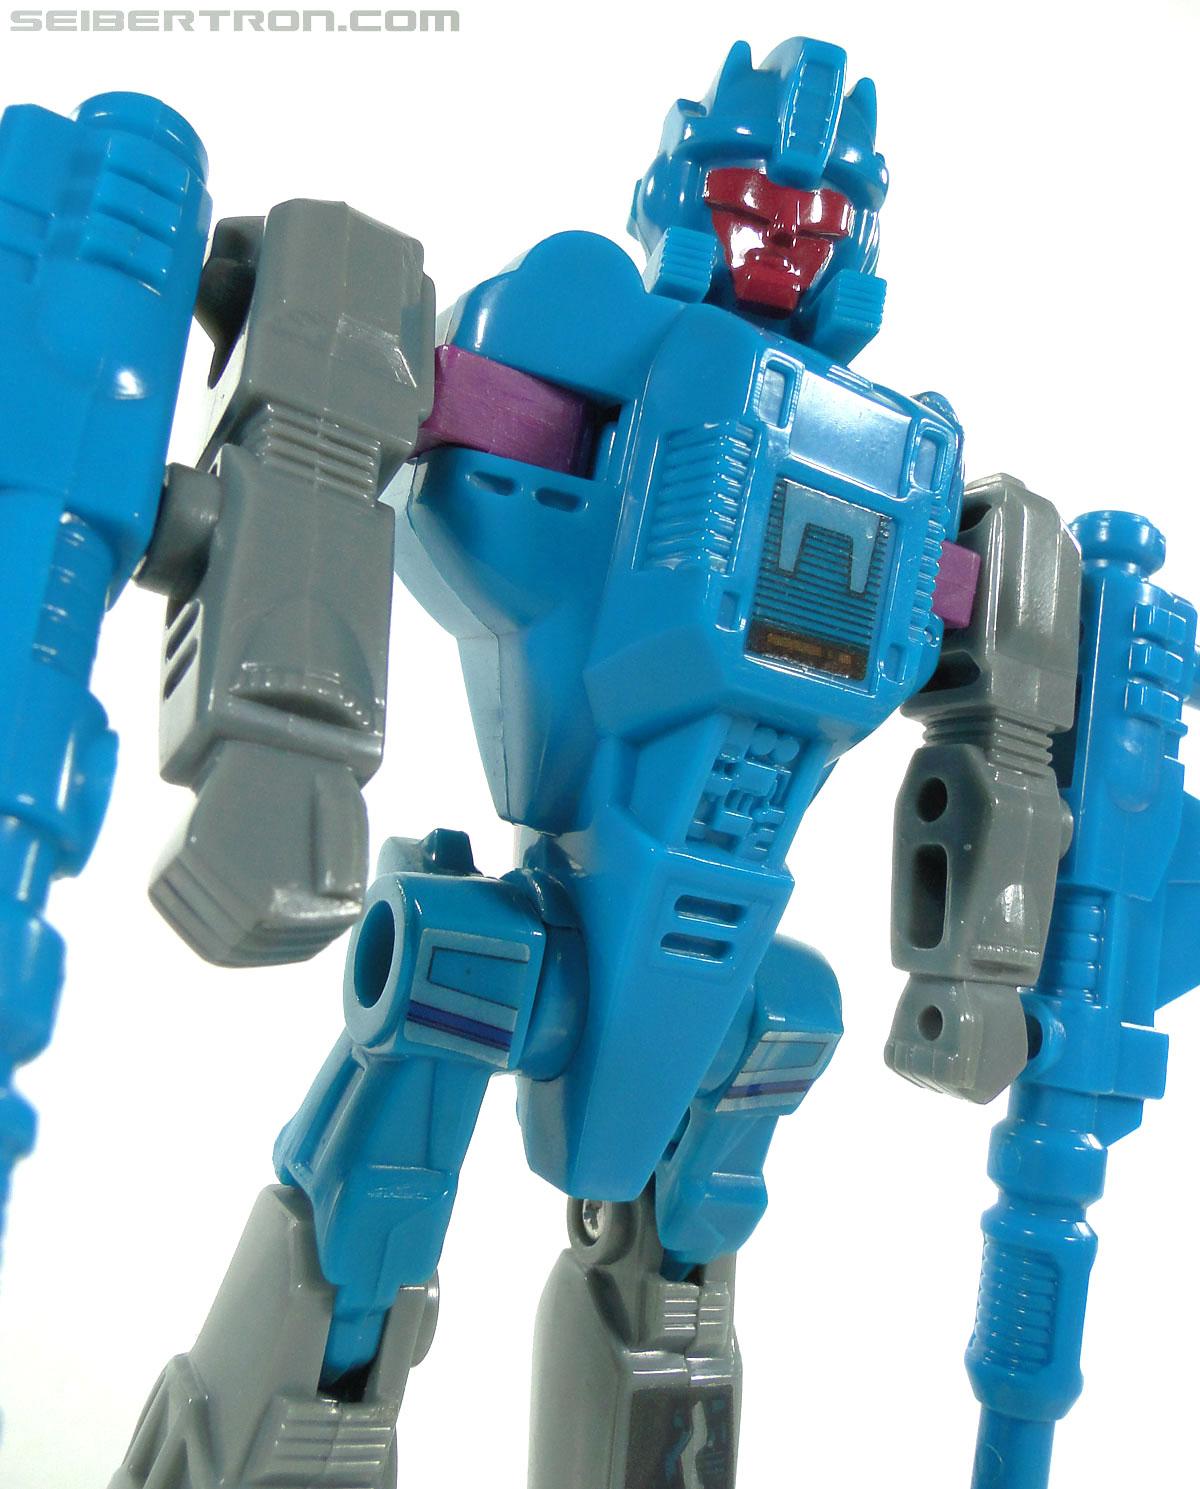 Transformers Super God Masterforce Bomb-Burst (Blood) (Image #148 of 169)